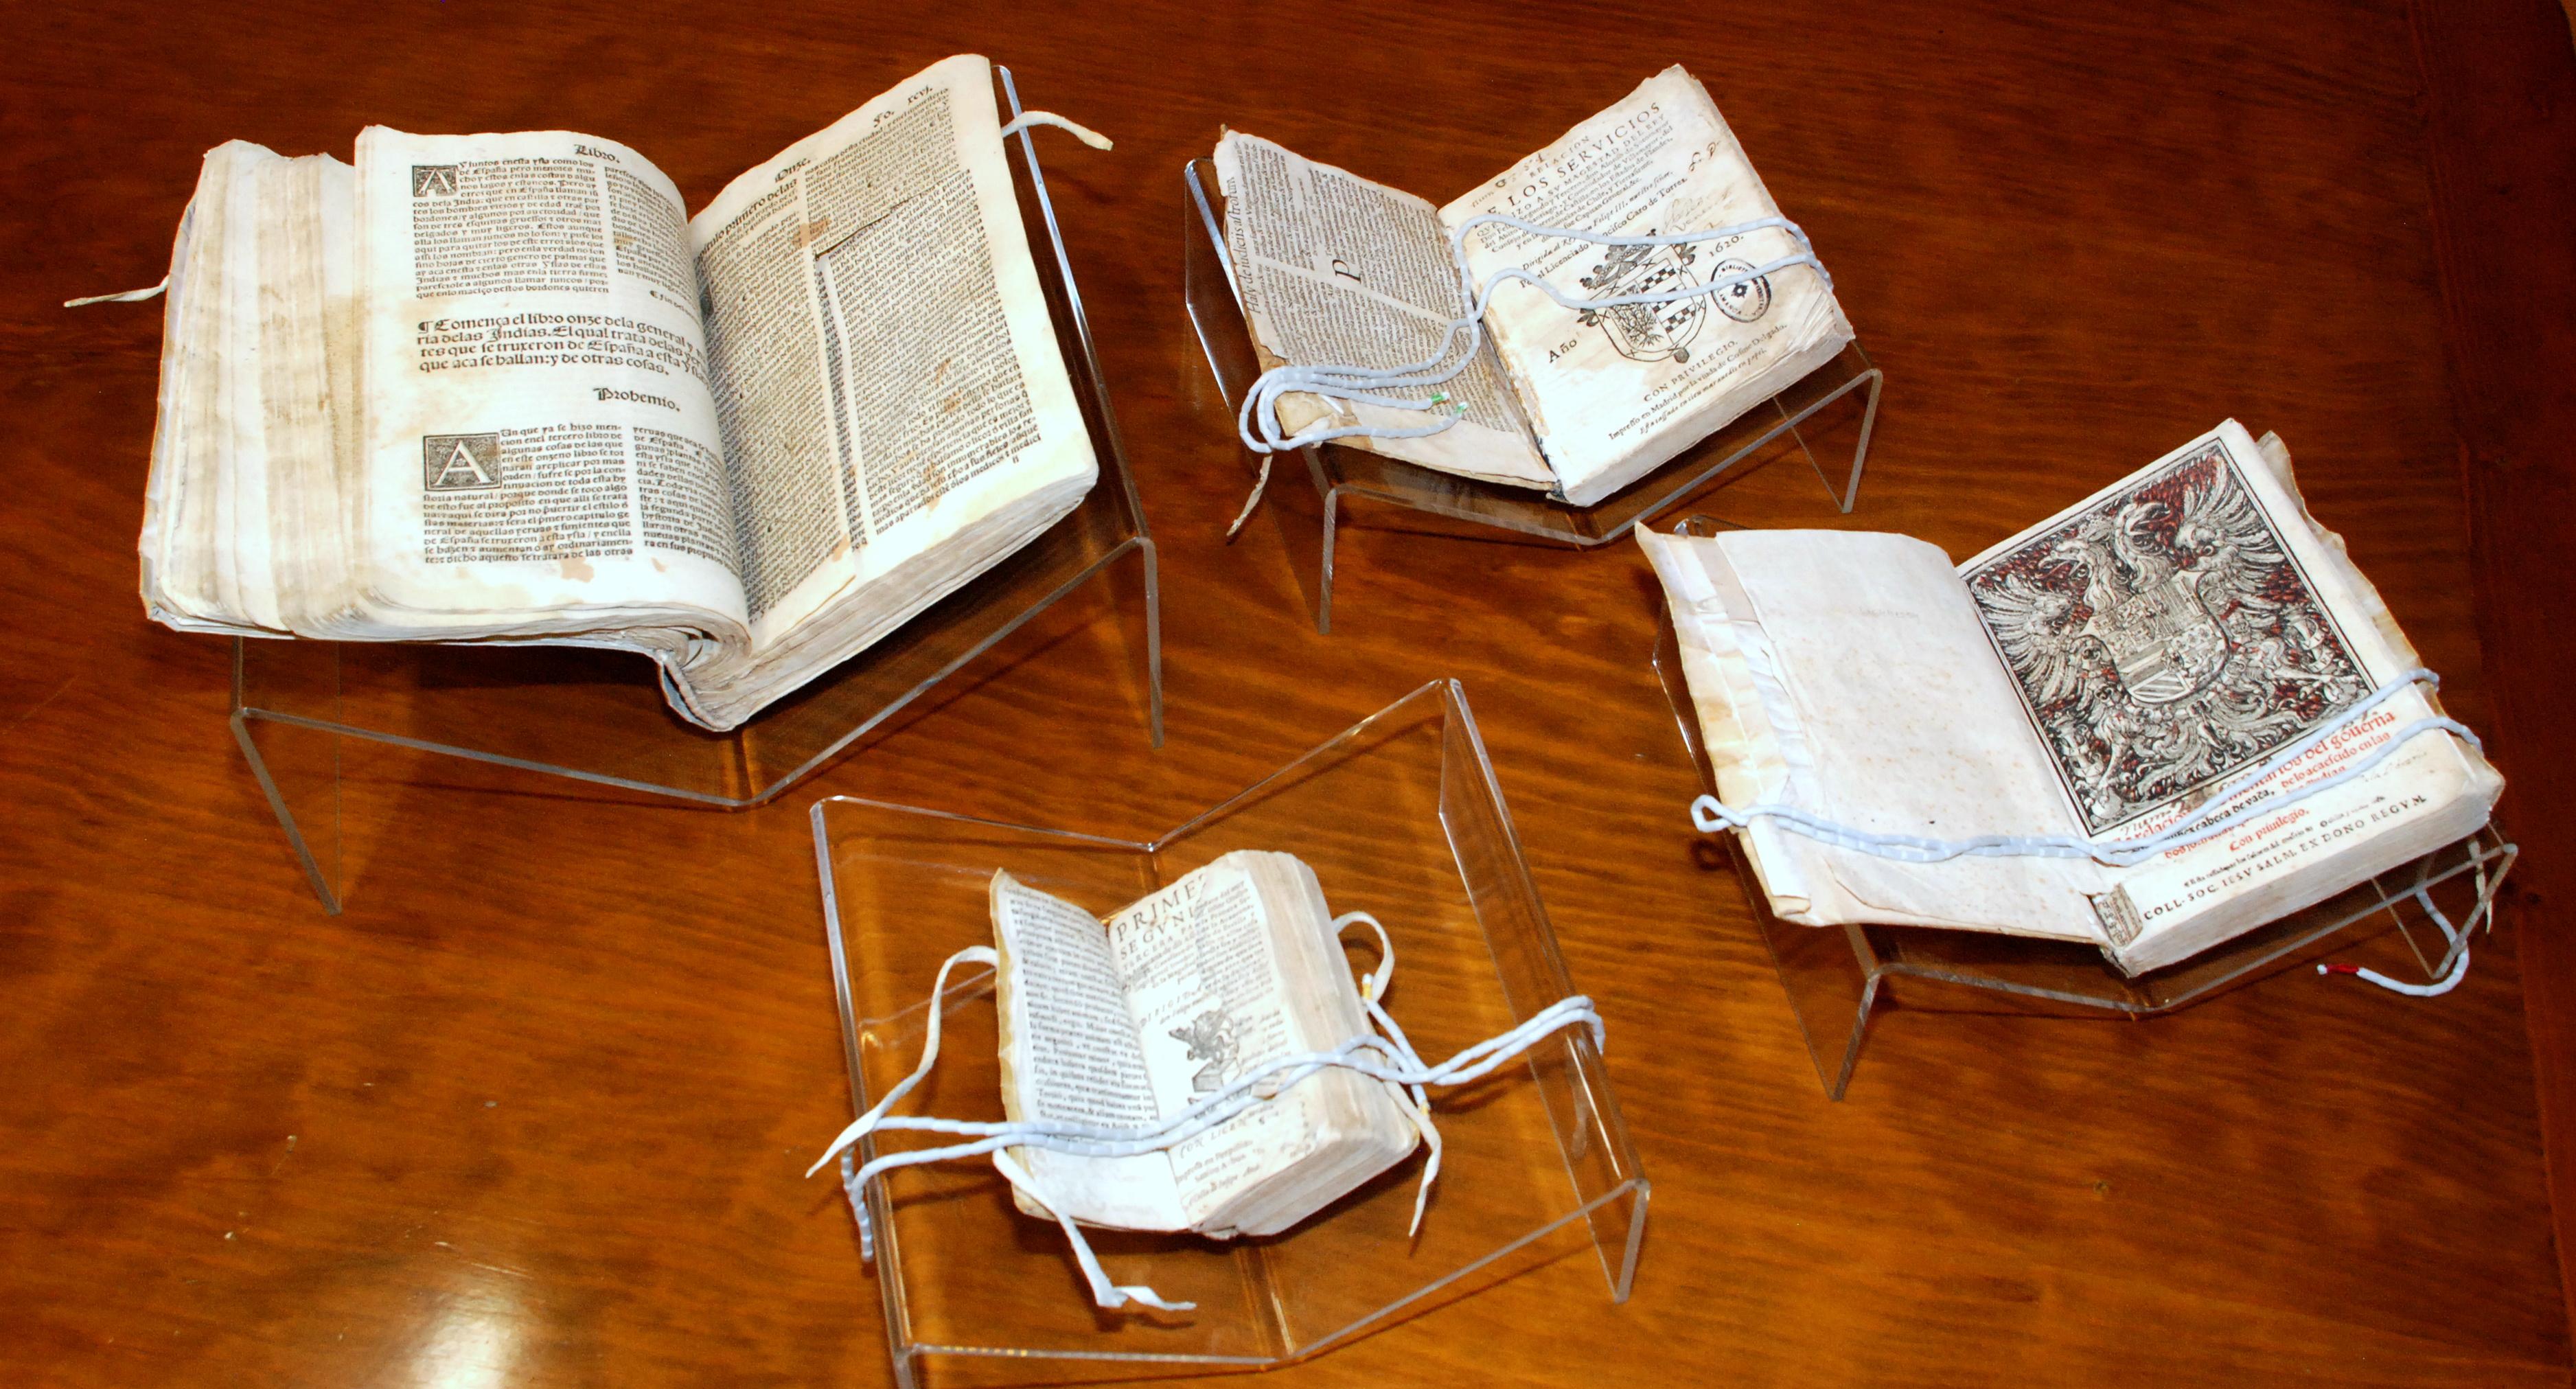 Fundación Reale impulsará la restauración de cuatro libros del patrimonio bibliográfico y documental de la Biblioteca Histórica de la Universidad de Salamanca